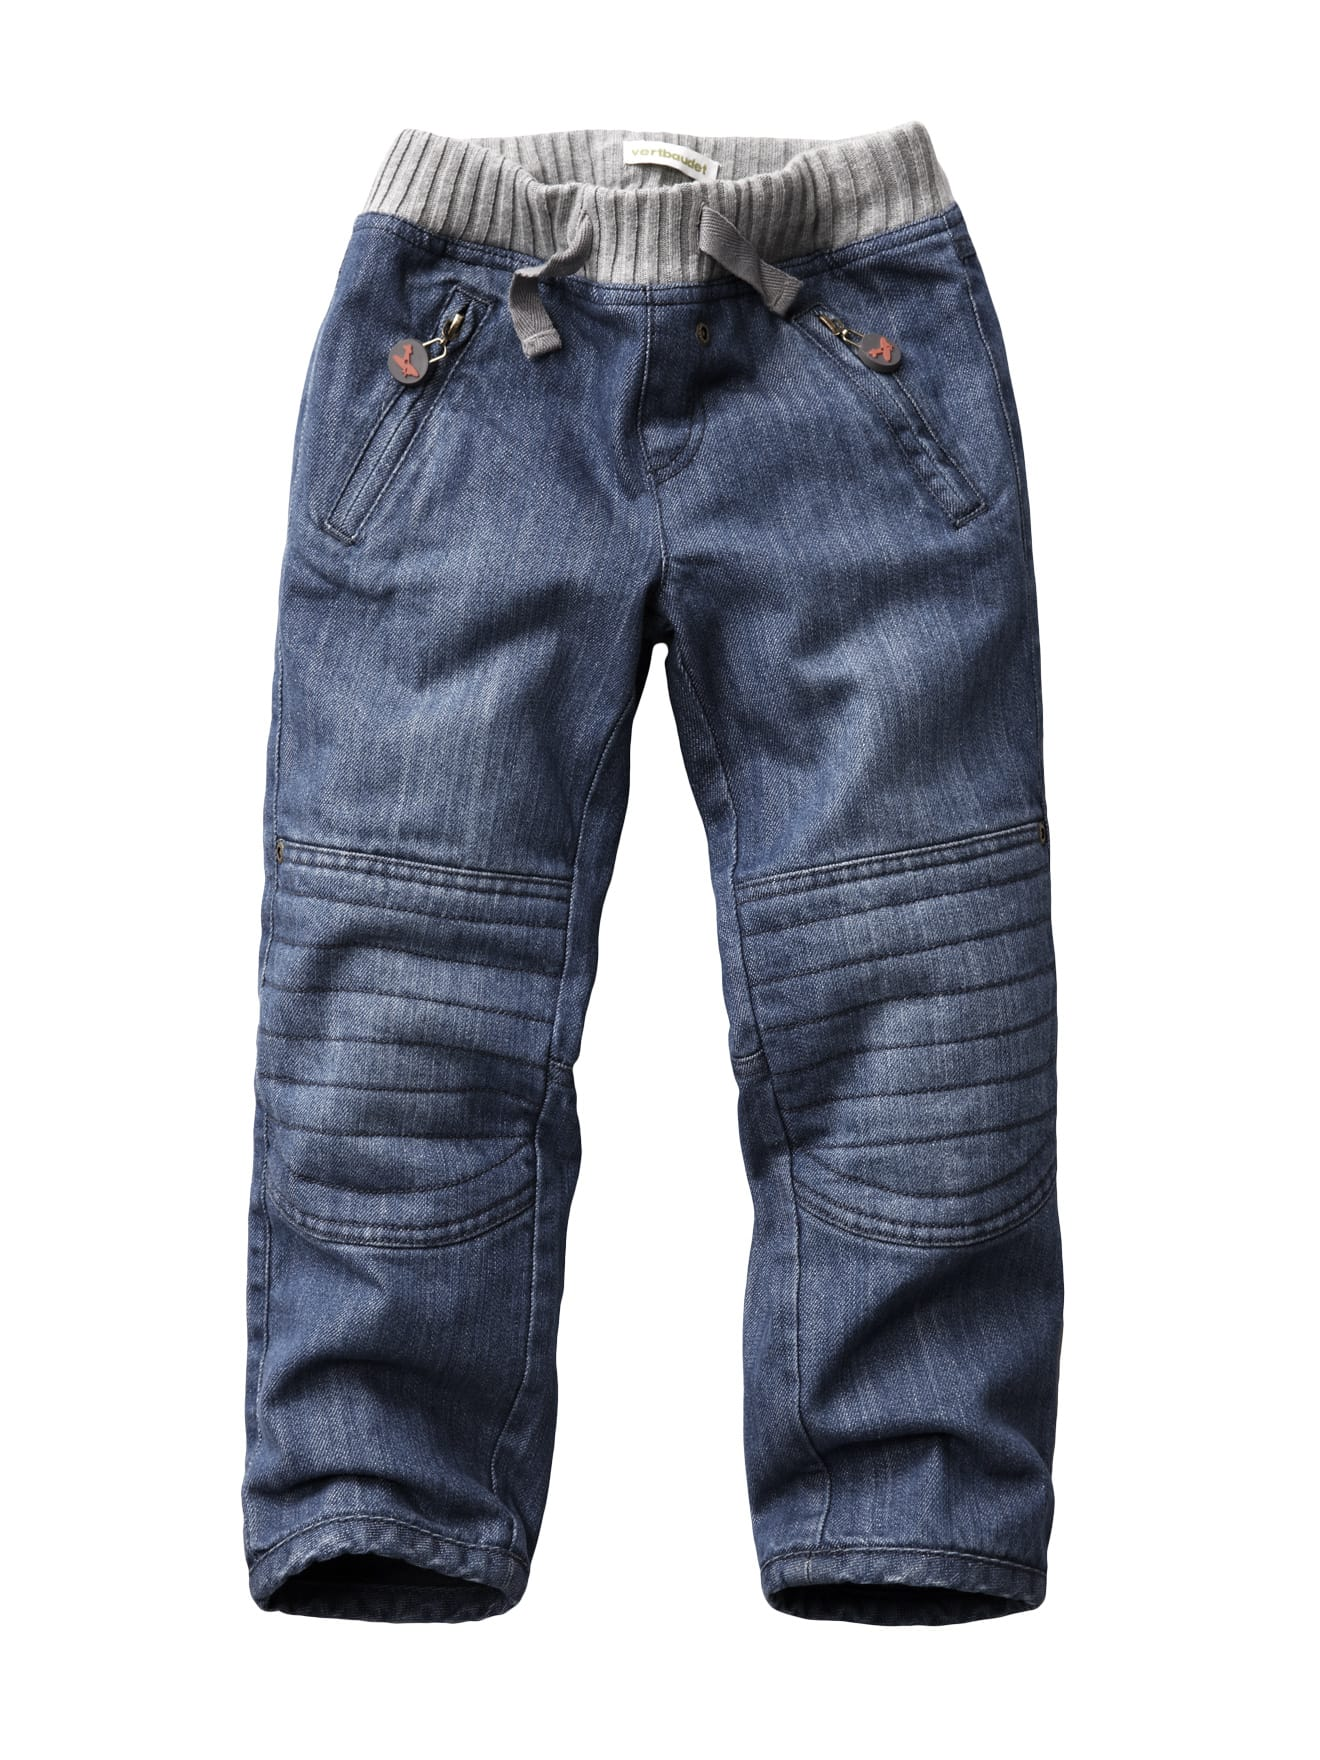 Mi primera compra de ropa de niño en Vertbaudet